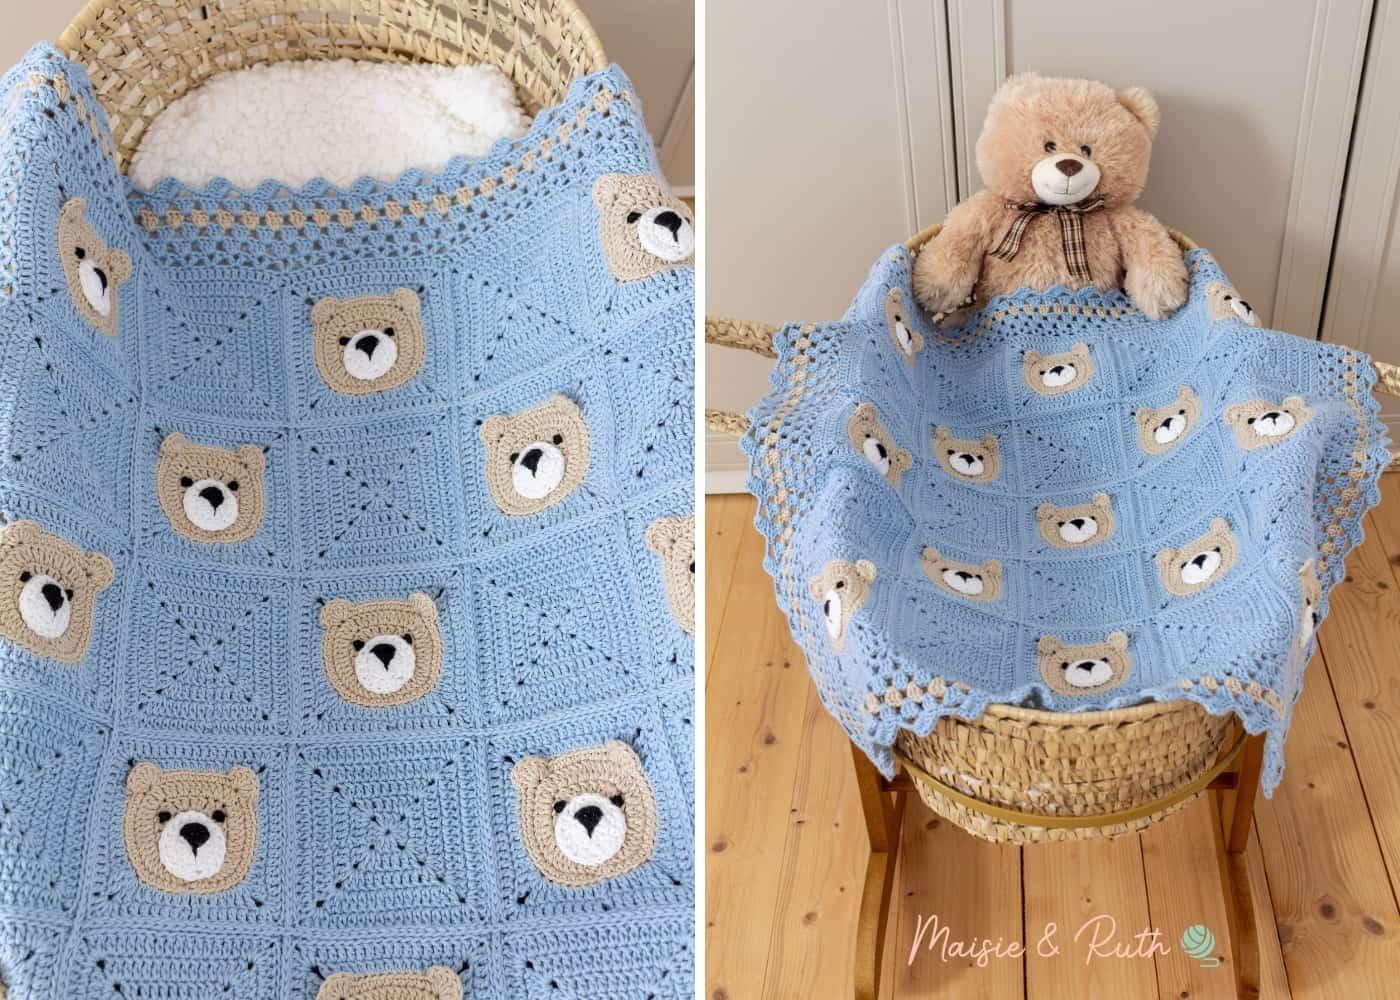 Bear Crochet Baby Blanket In Bassinet with Teddy